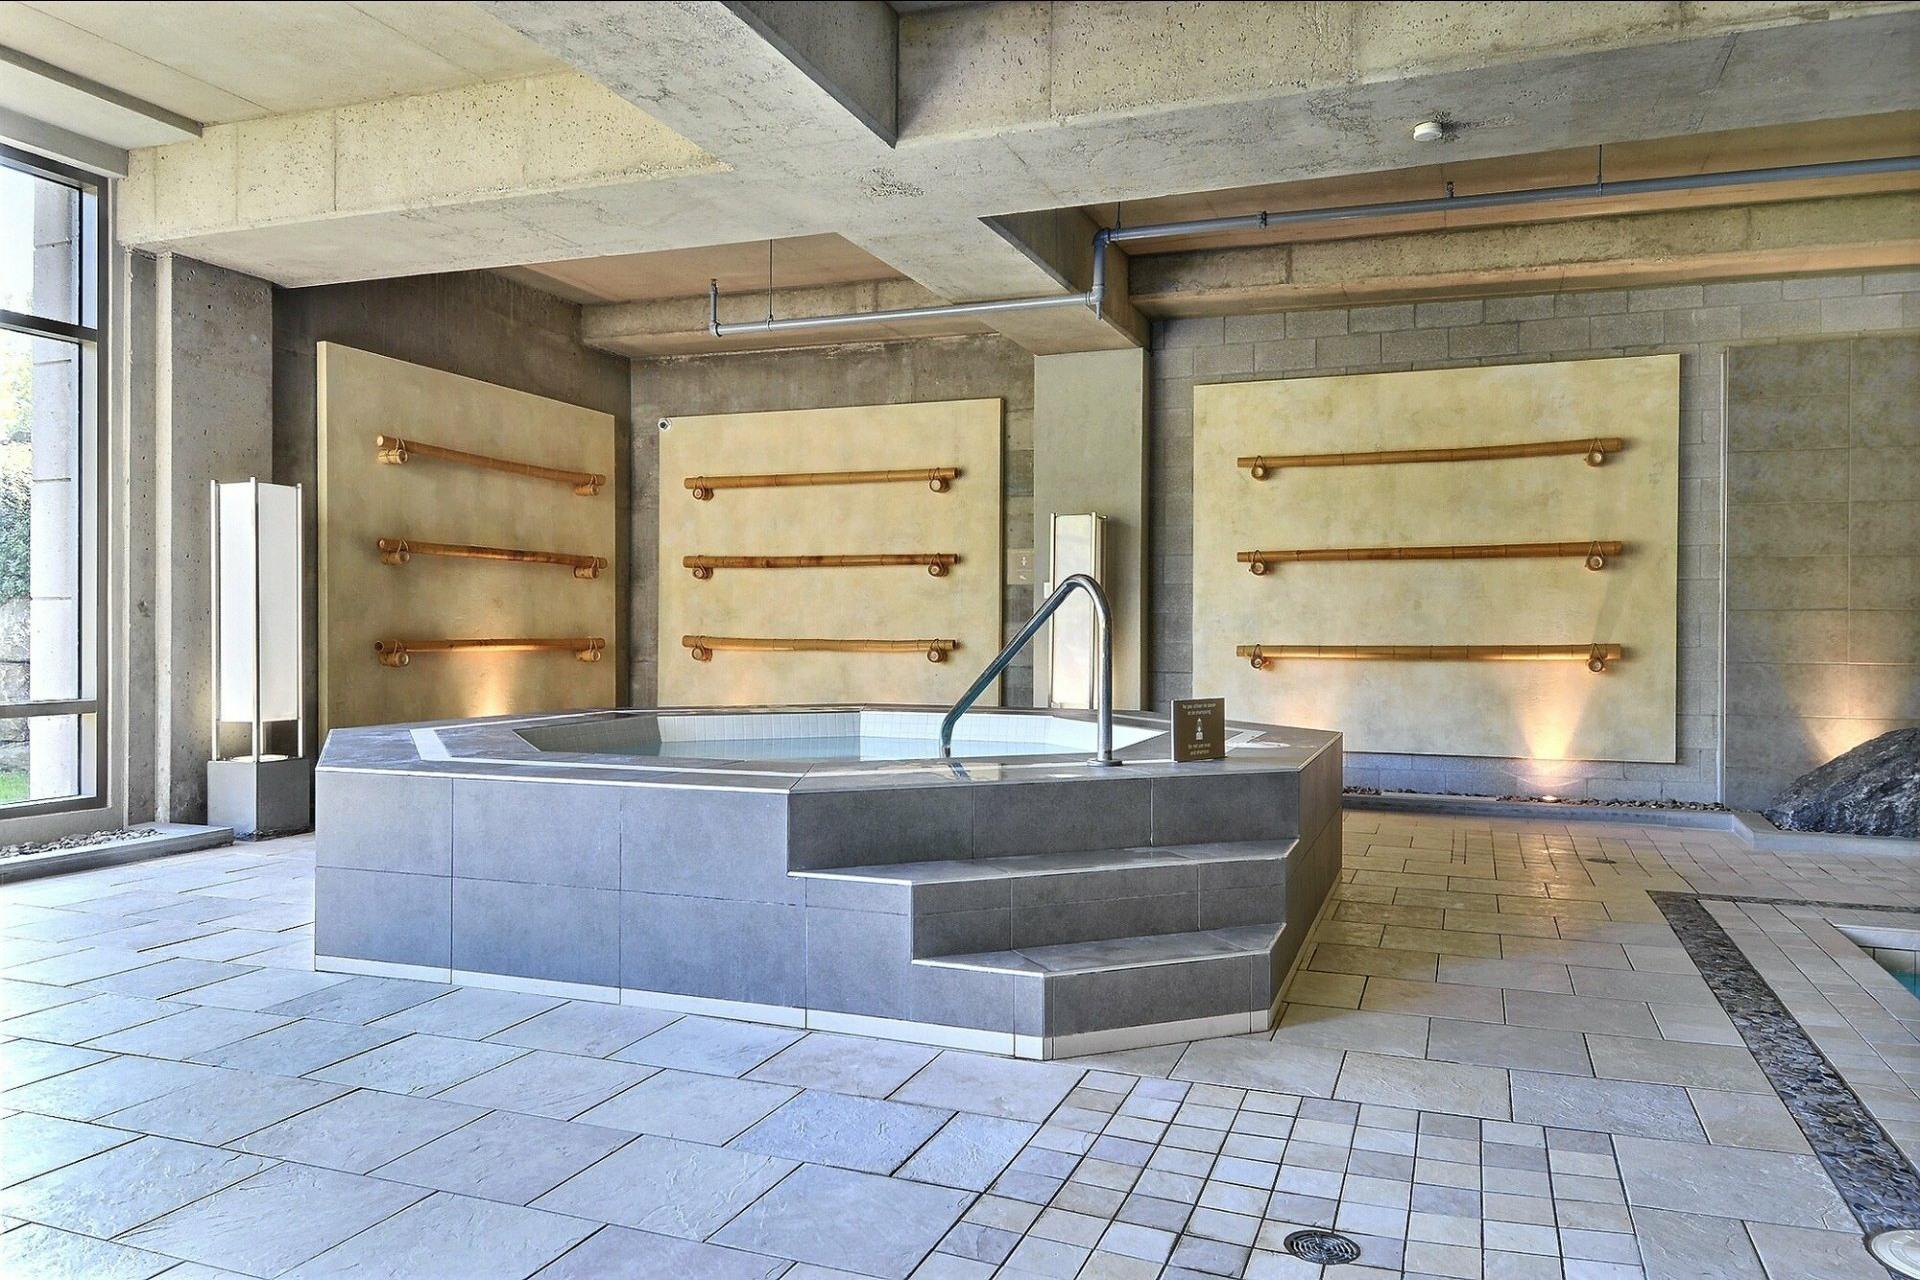 image 27 - Appartement À vendre Verdun/Île-des-Soeurs Montréal  - 5 pièces